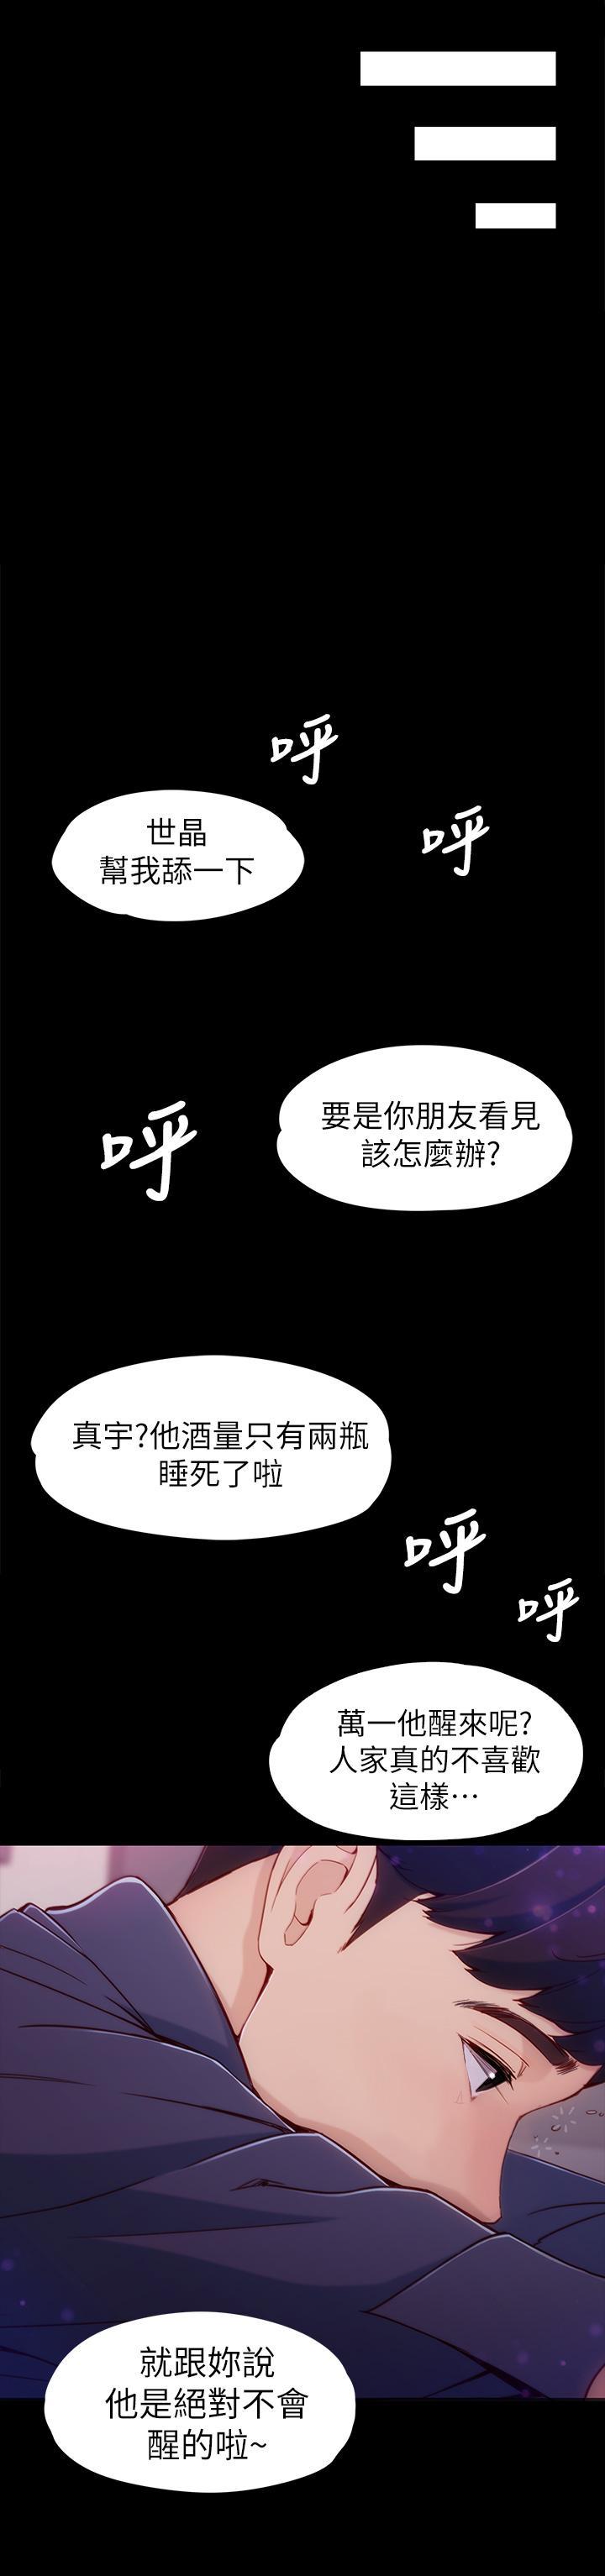 [朴敏&金Zetta]女大生世晶:无法自拔 EP.1(正體中文)高畫質版本 31